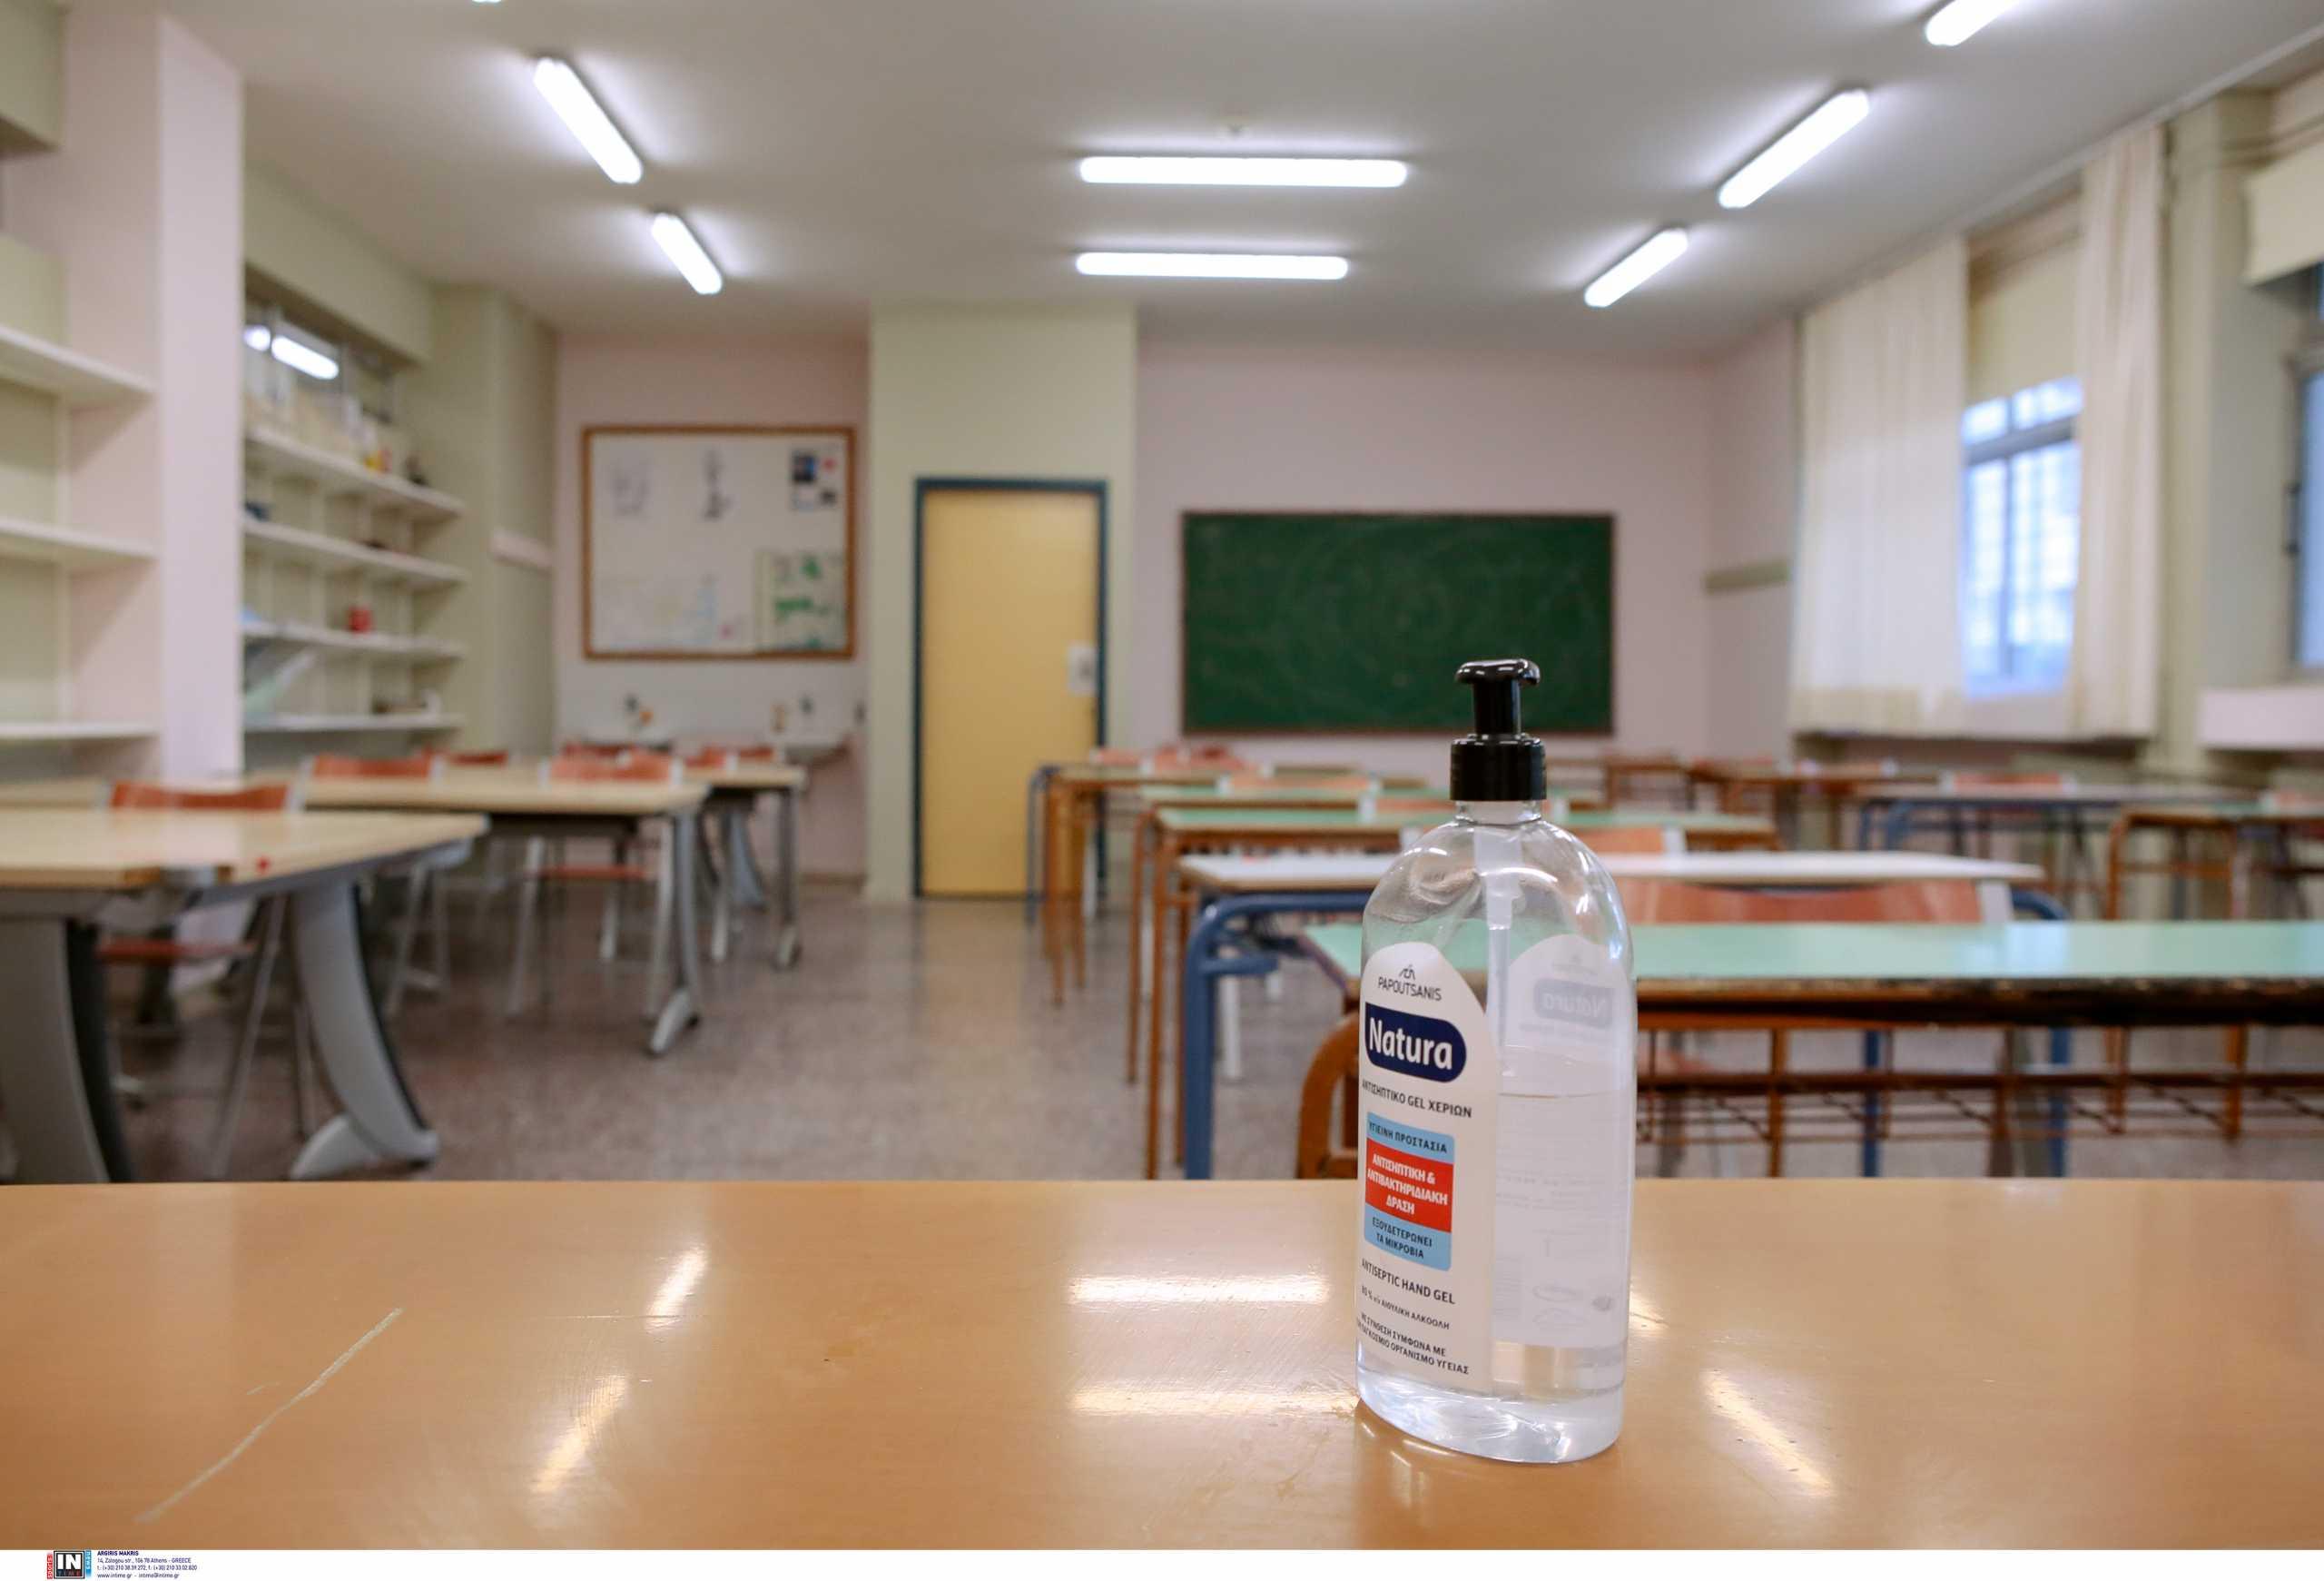 Κορονοϊός: Πως θα πραγματοποιηθούν οι εξετάσεις του Σεπτεμβρίου στα ΑΕΙ – Τα μέτρα προστασίας